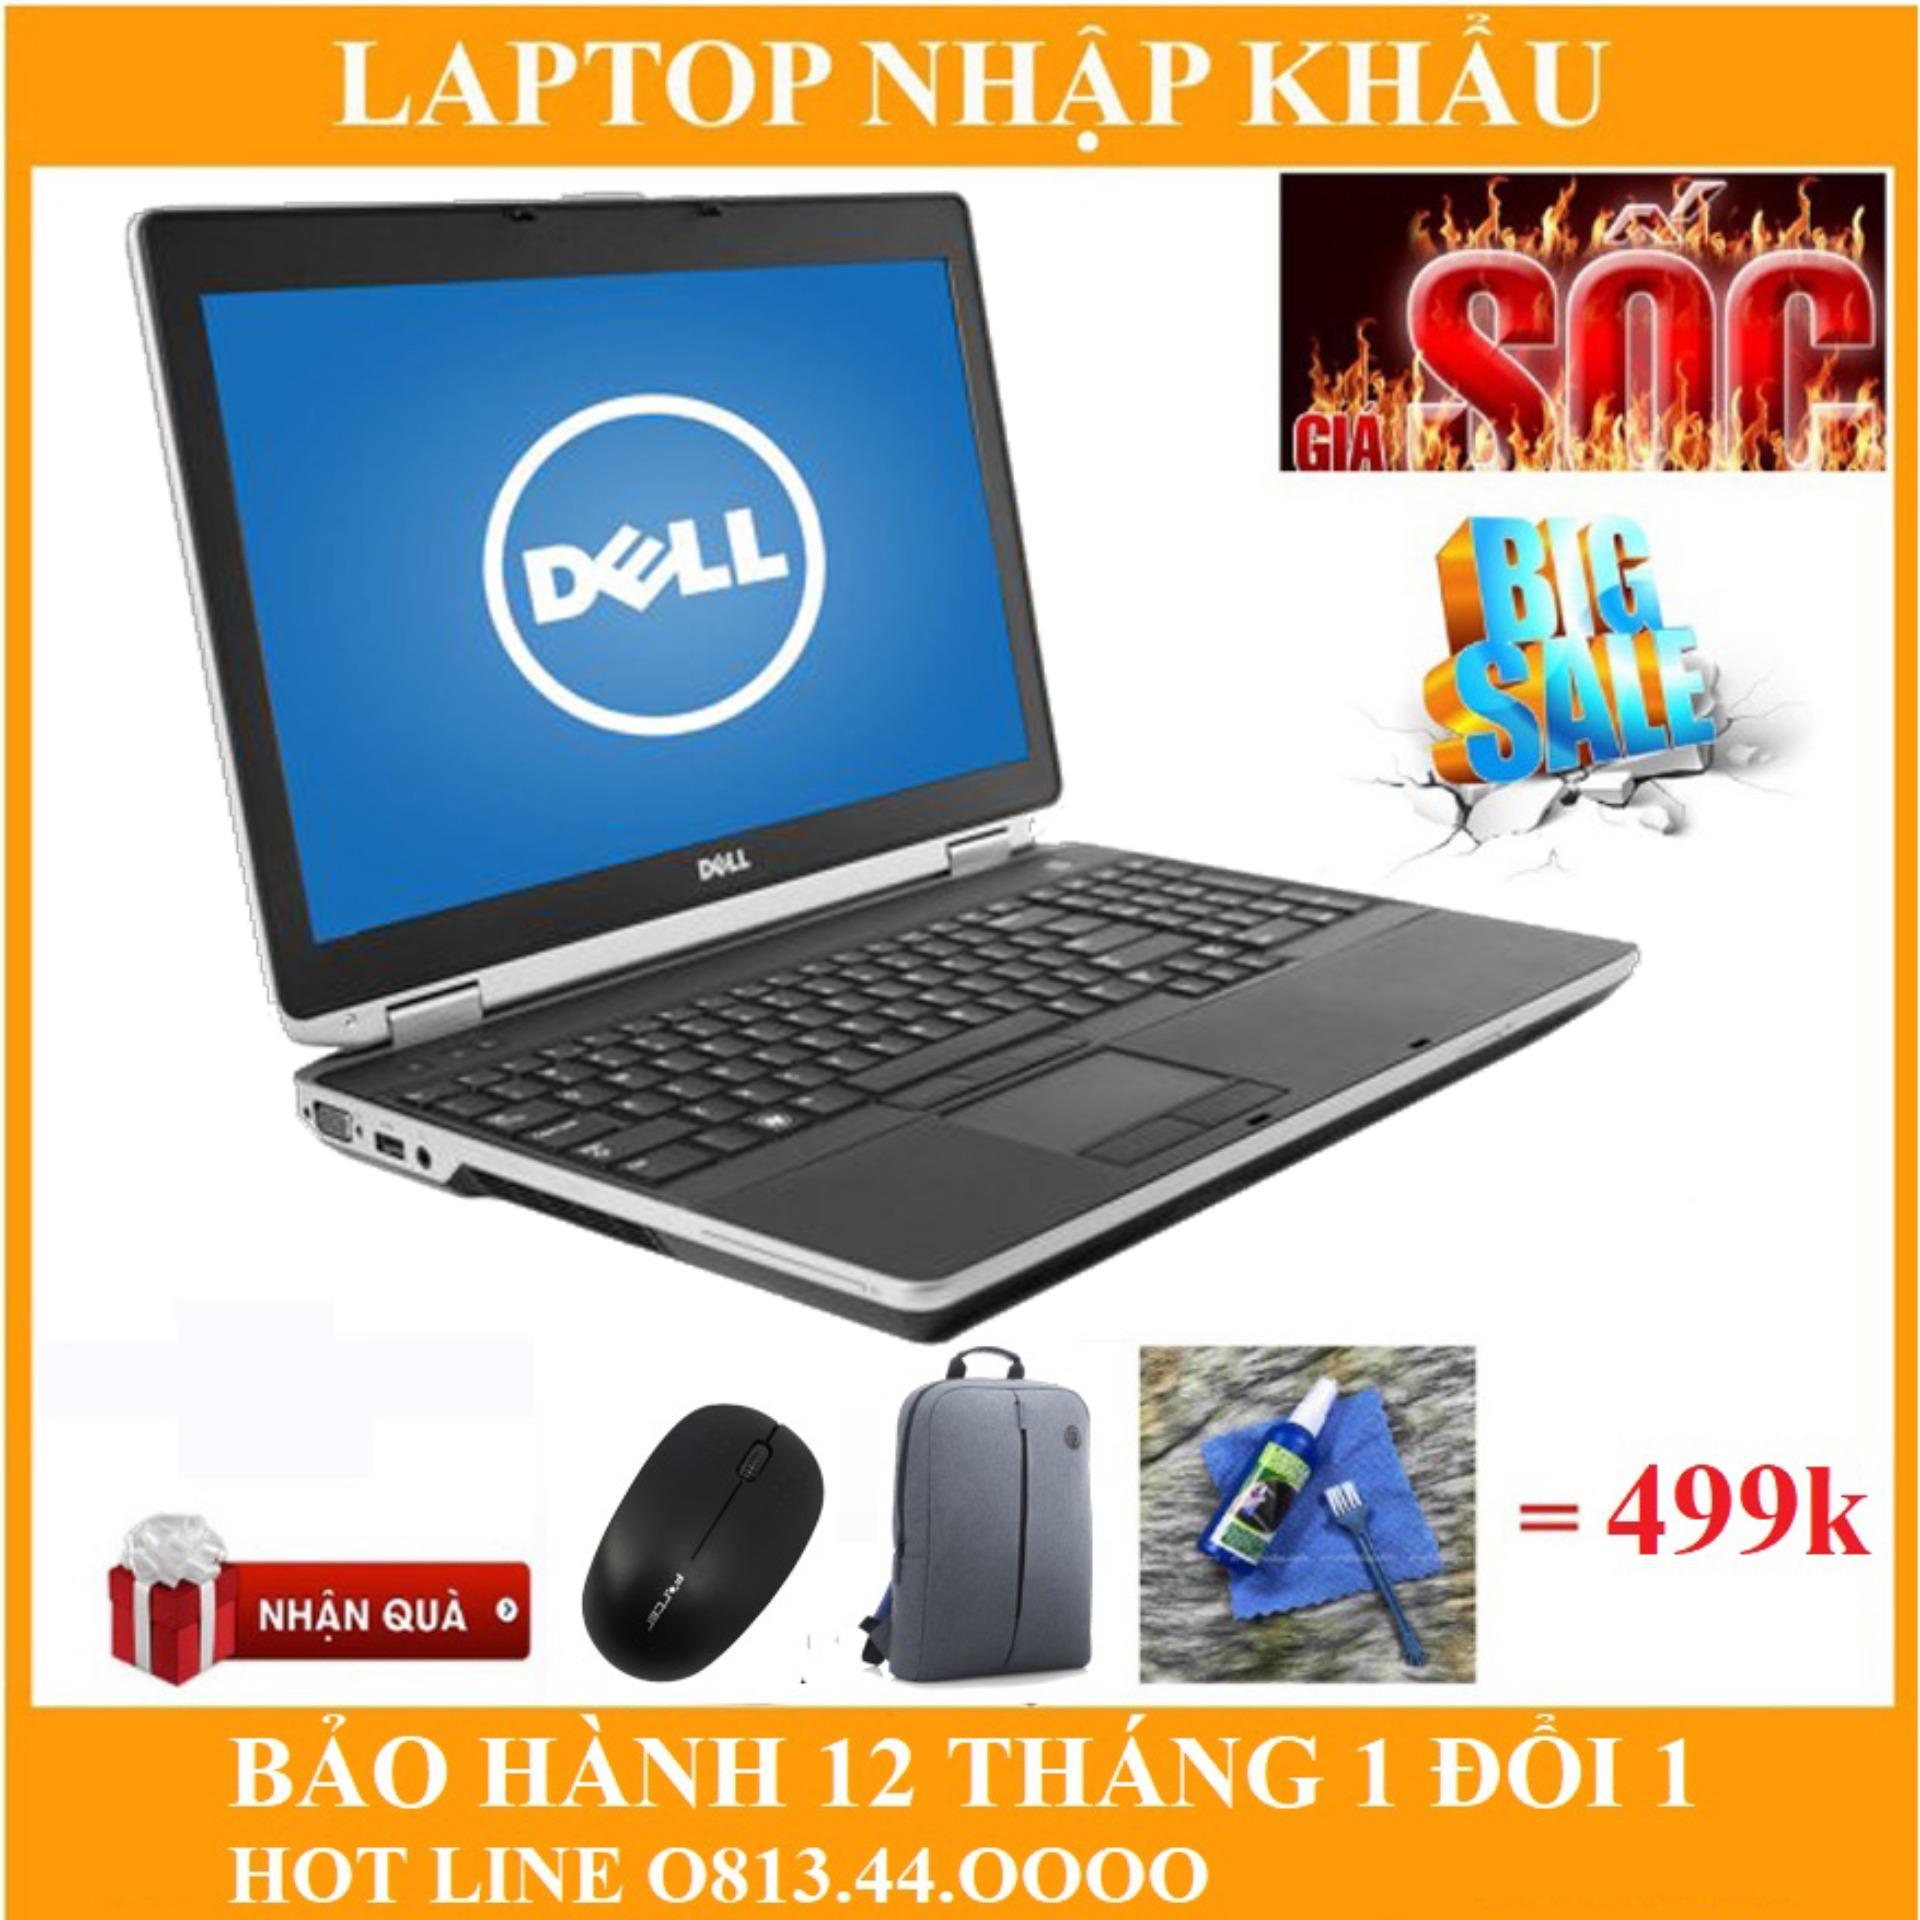 Dell  E6520 I7 15.6 Inch  Ram 8 GB SSD 240gb Bảo Hành 12 Tháng. Giá Quá Ưu Đãi